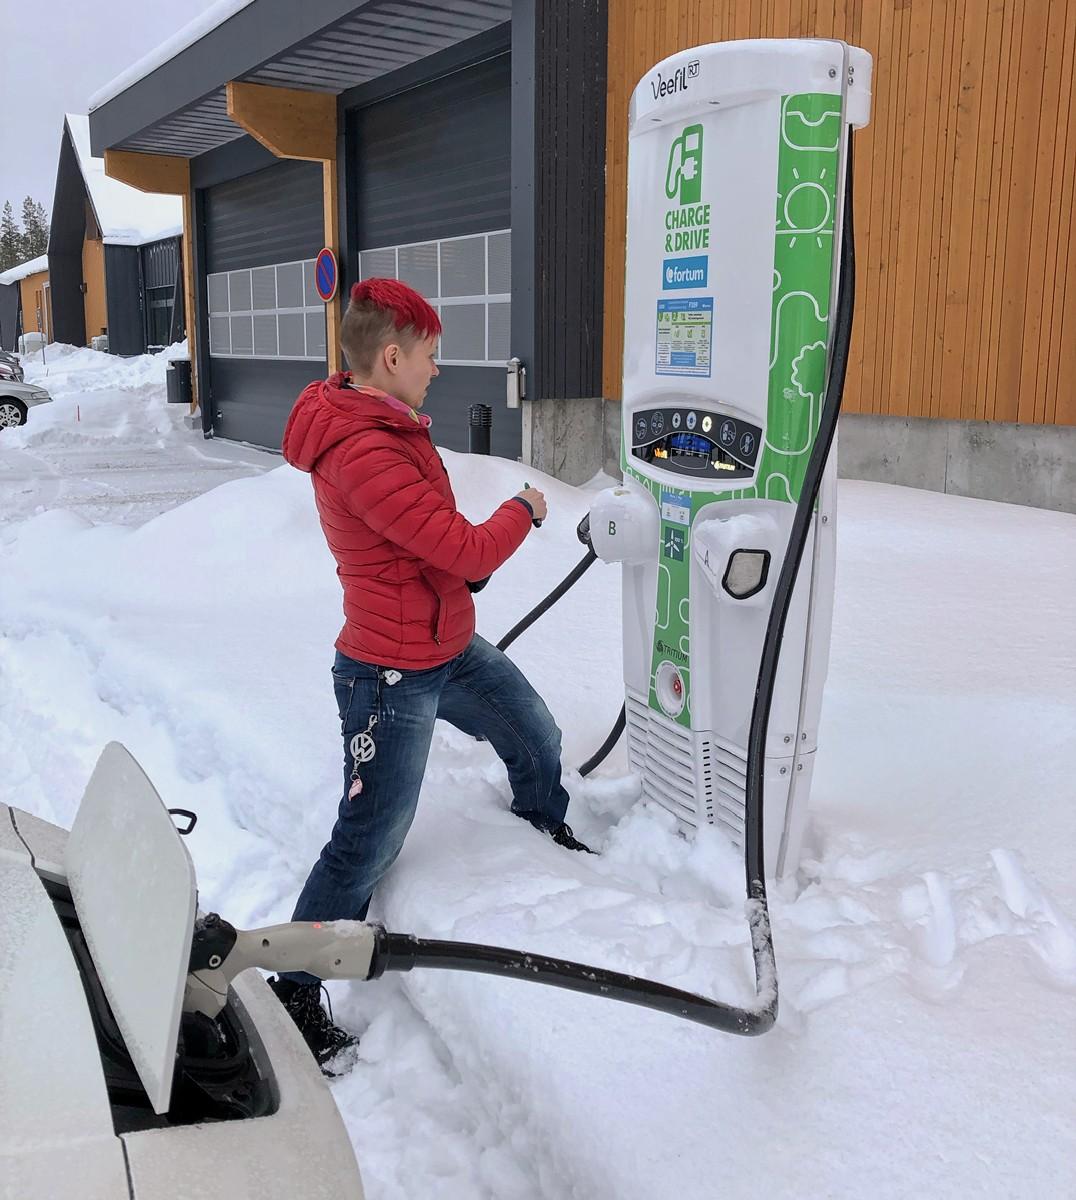 Sähköauto ilman kotilatausmahdollisuutta ja 10 muuta tarinaa sähköauton lataamisesta